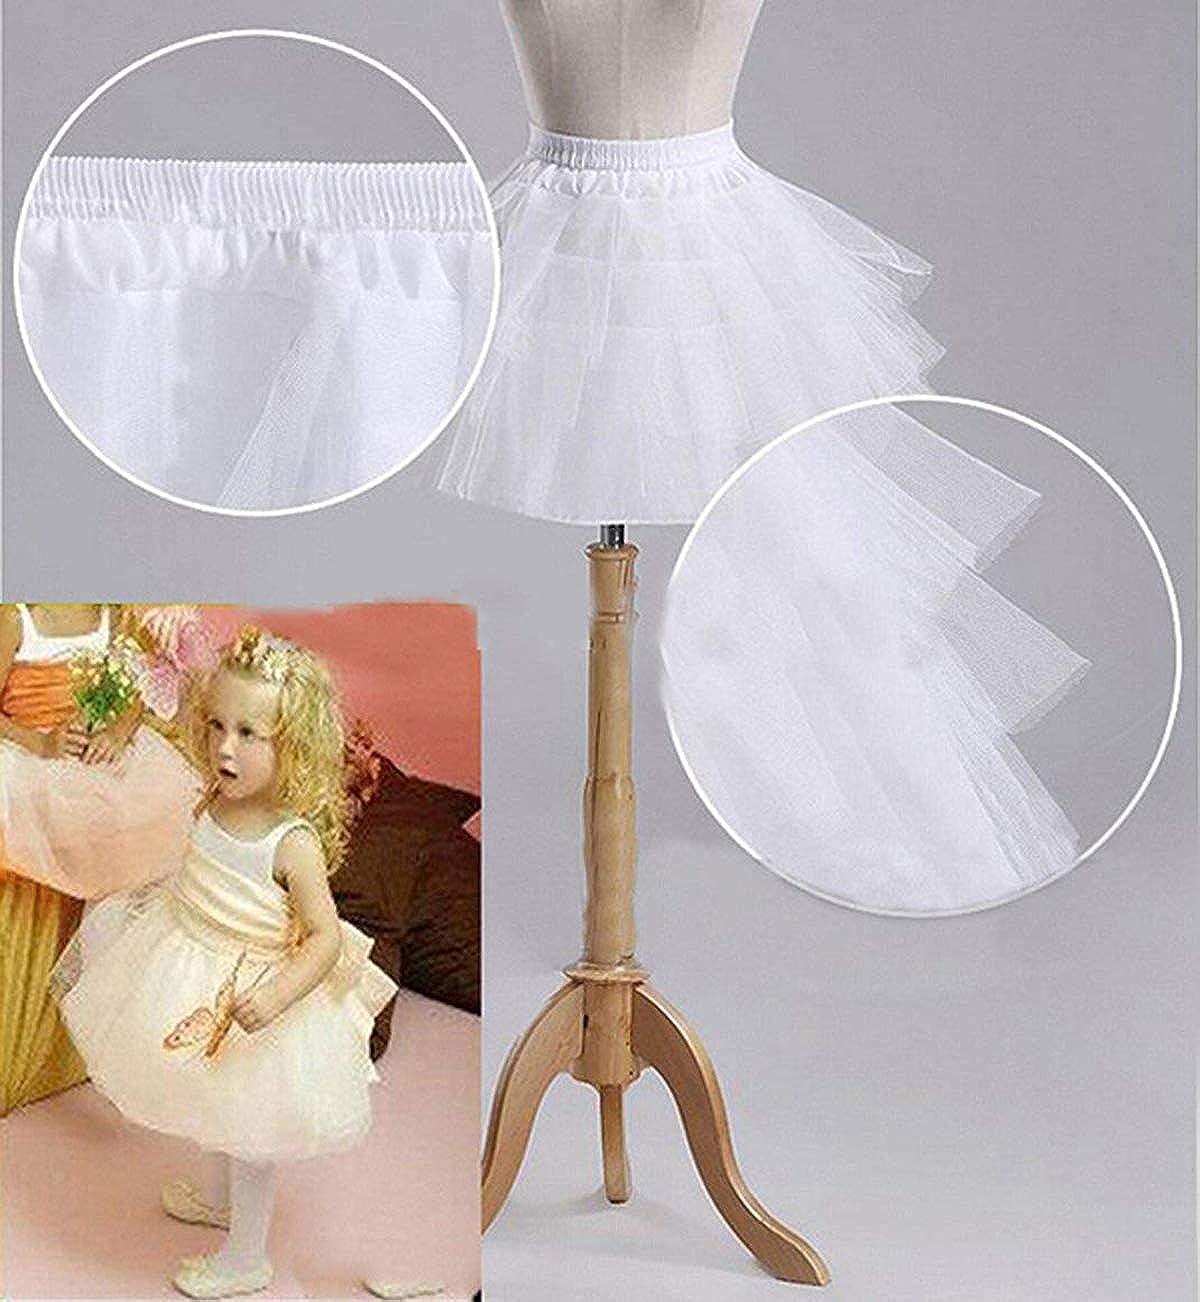 KLgeri 3 Layers Petticoats Slips Crinoline Apparel Flower Girl Skirt Underskirts